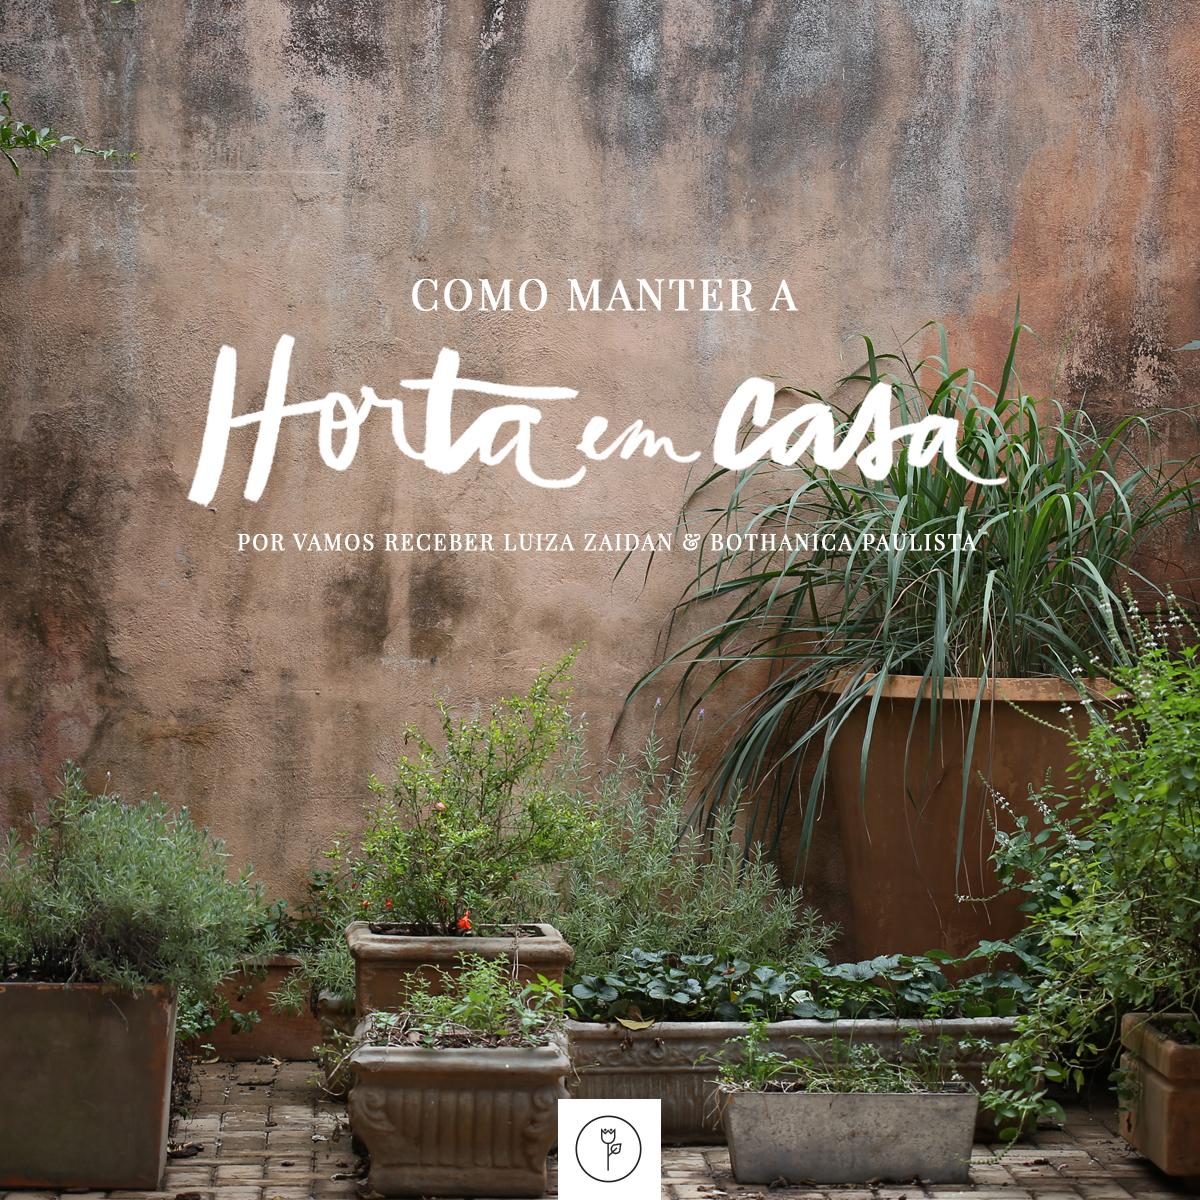 como manter uma horta em casa